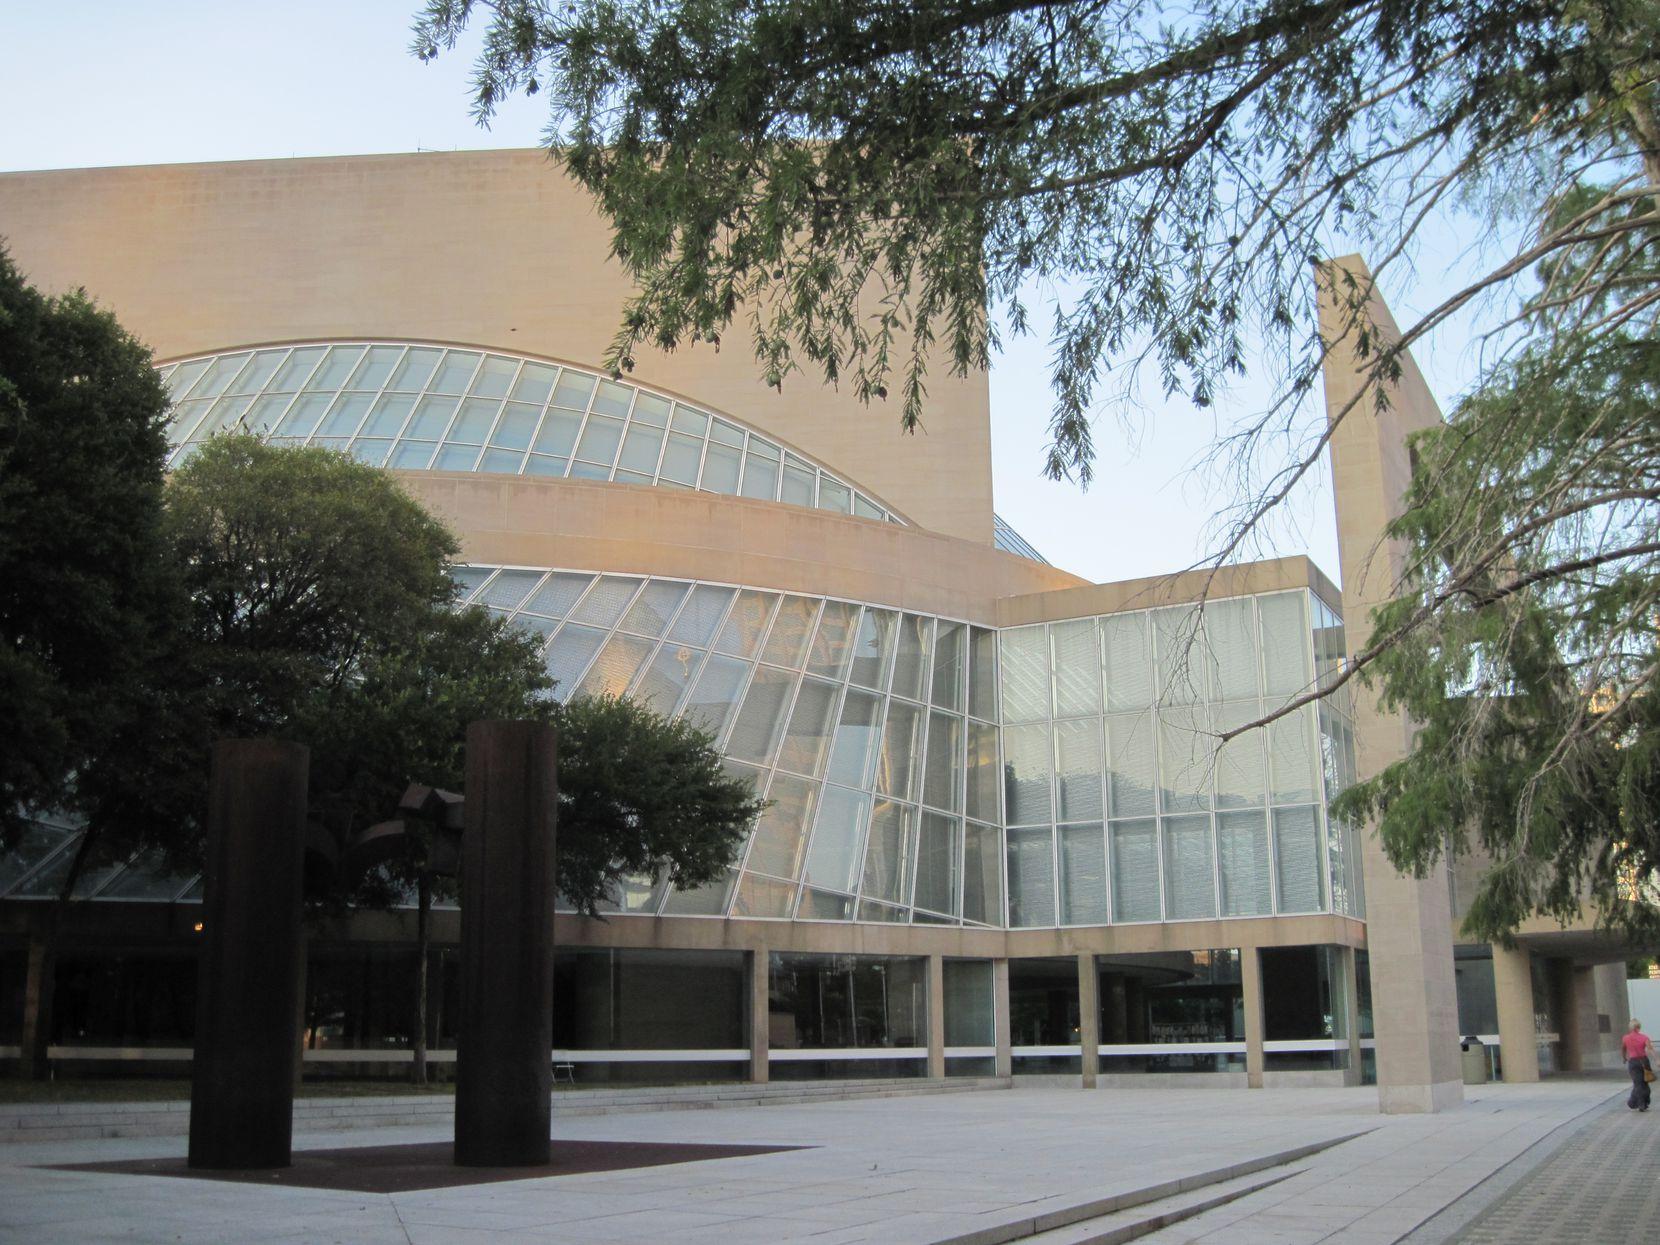 Meyerson Symphony Center